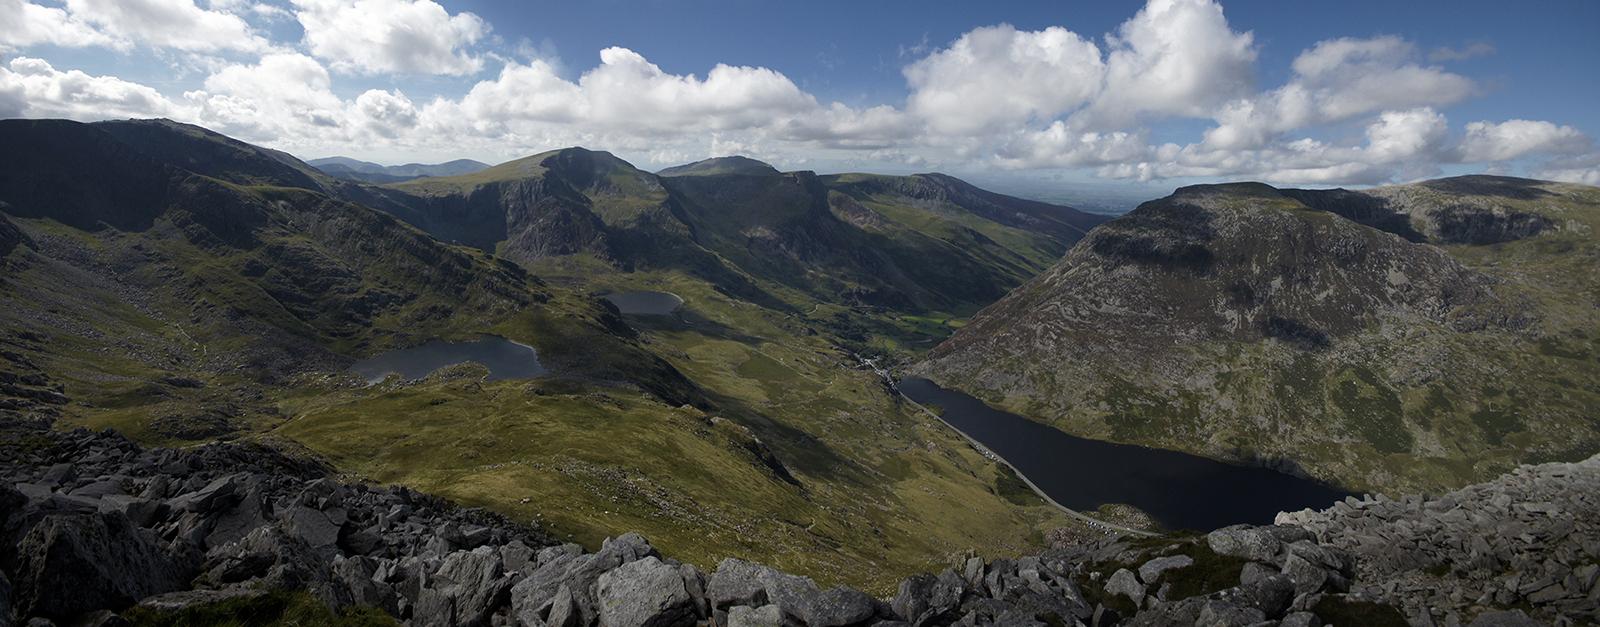 Kieran Rae Tryfan Glyderau Glyder Ogwen Valley Snowdonia Wales